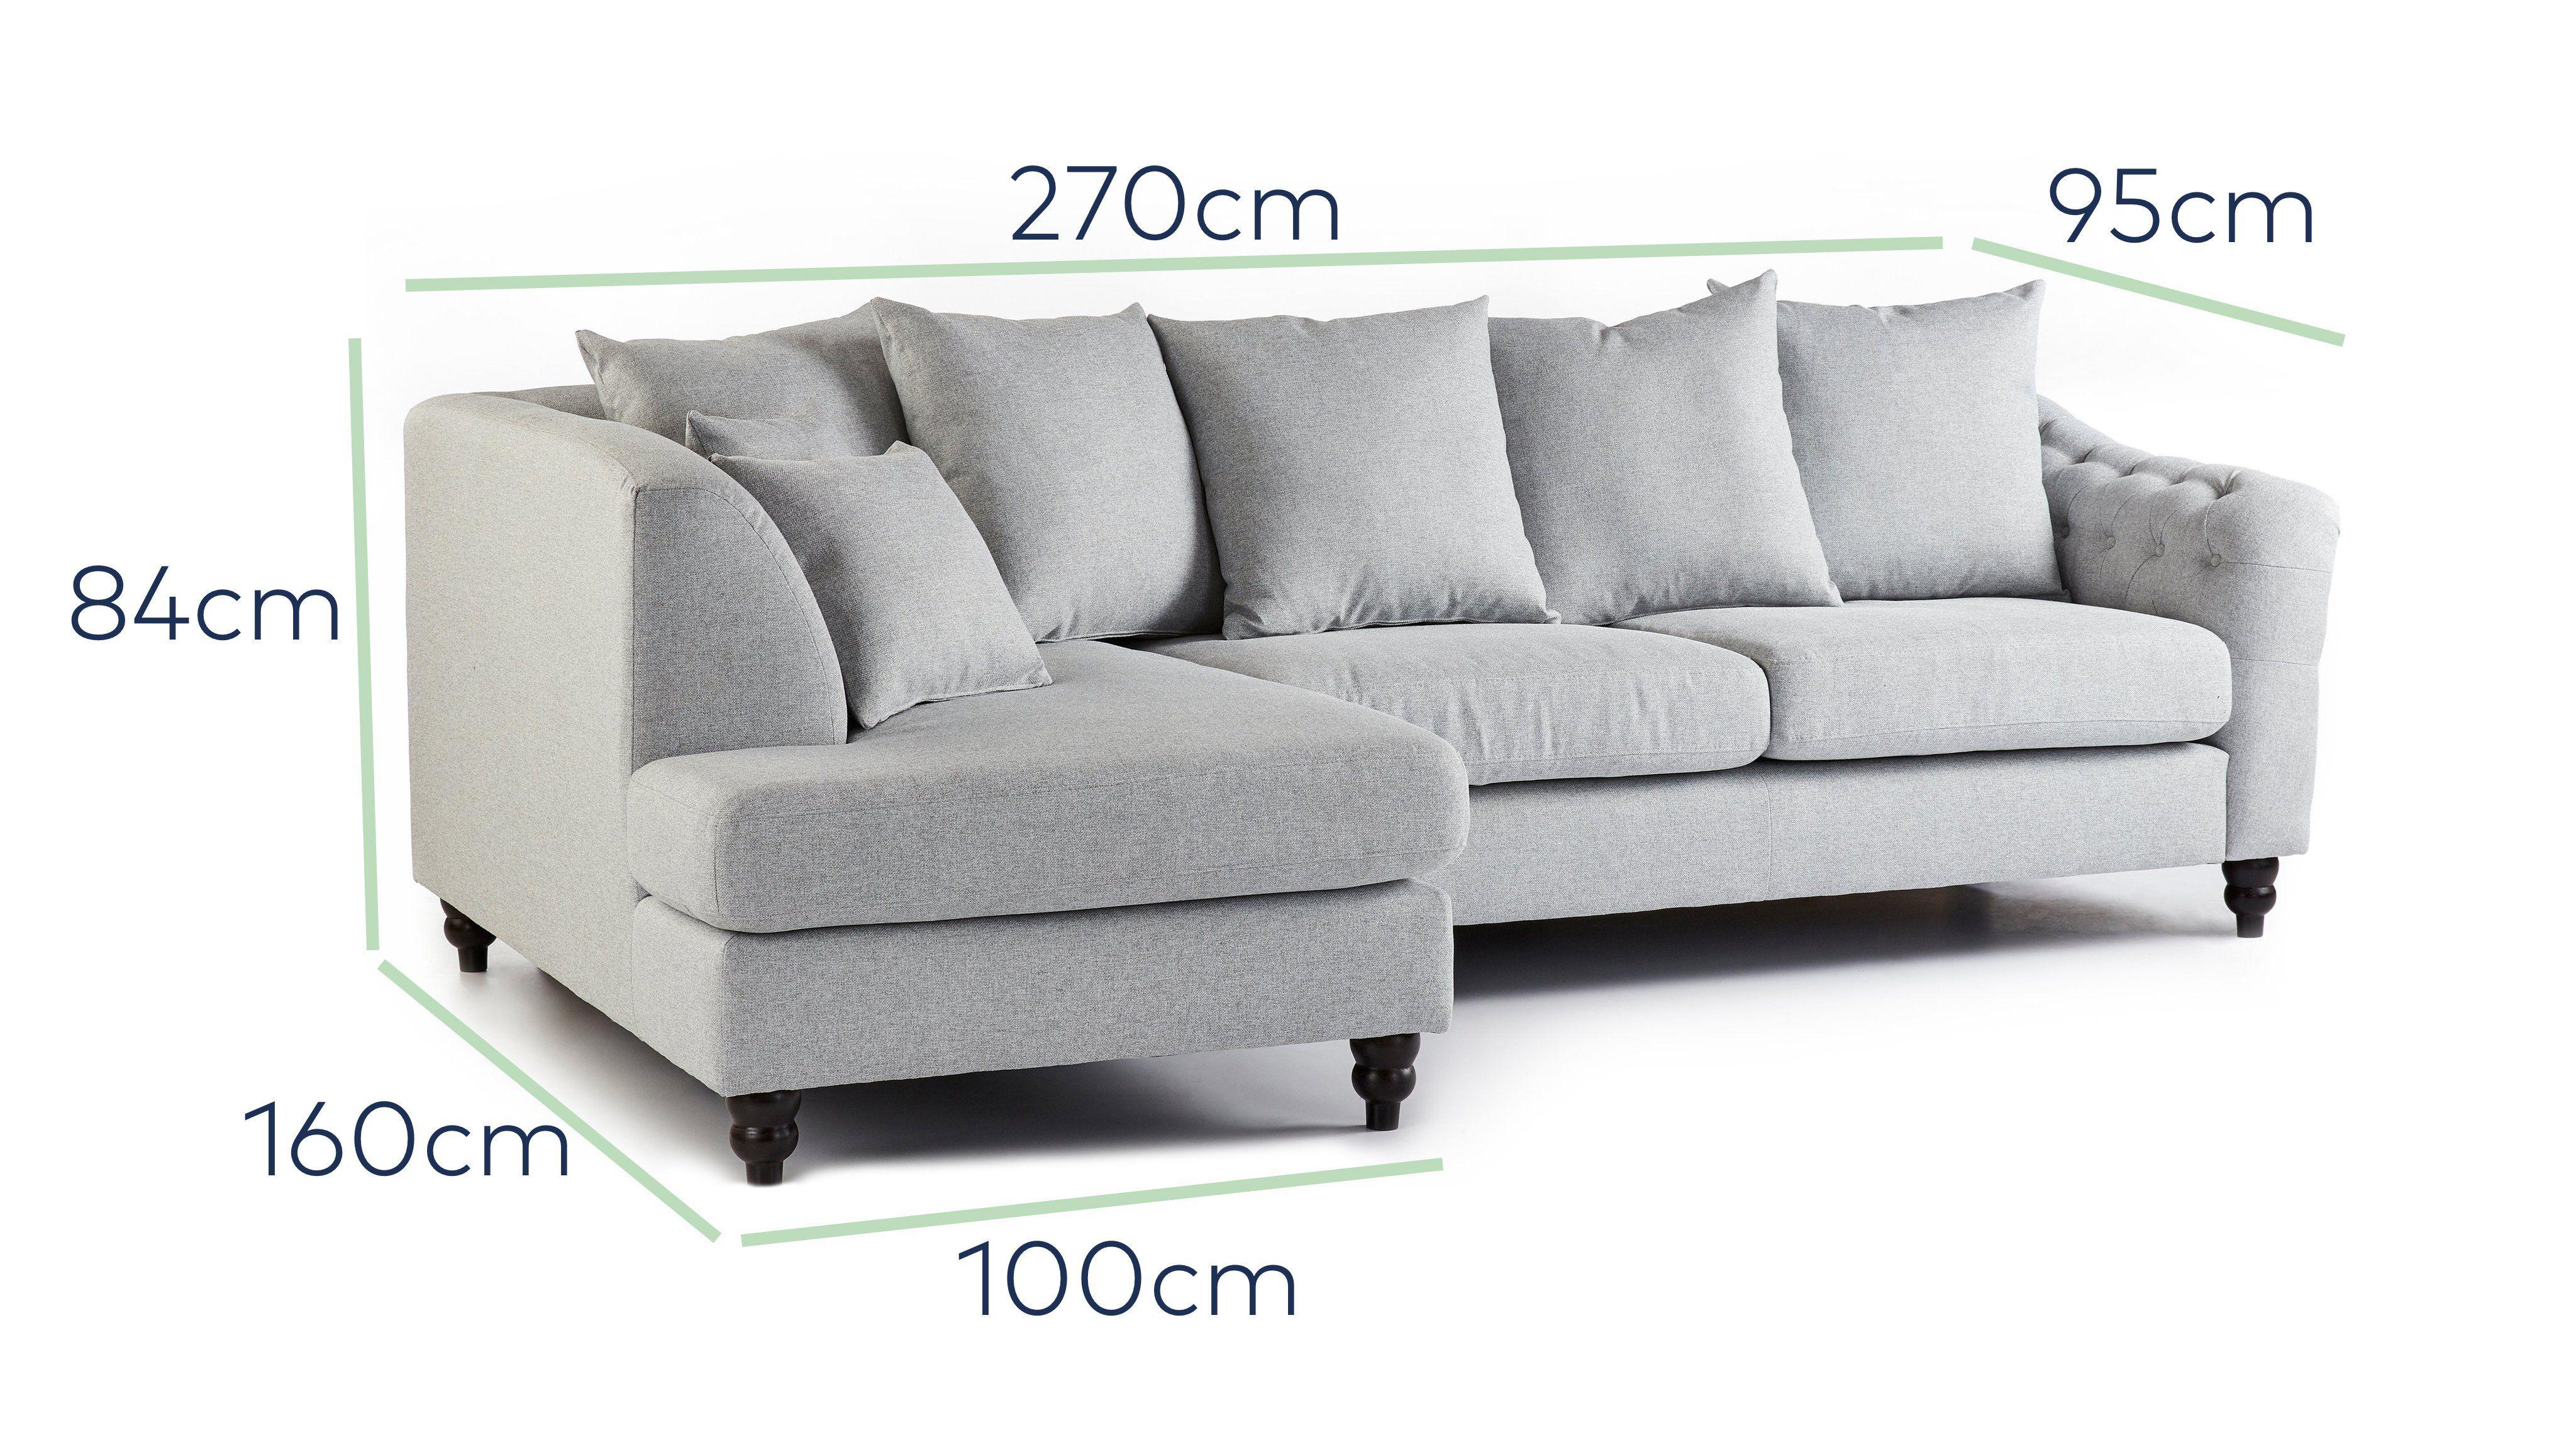 Chigwell Corner Crushed Velvet Sofa Corner Sofa Living Room Corner Sofa